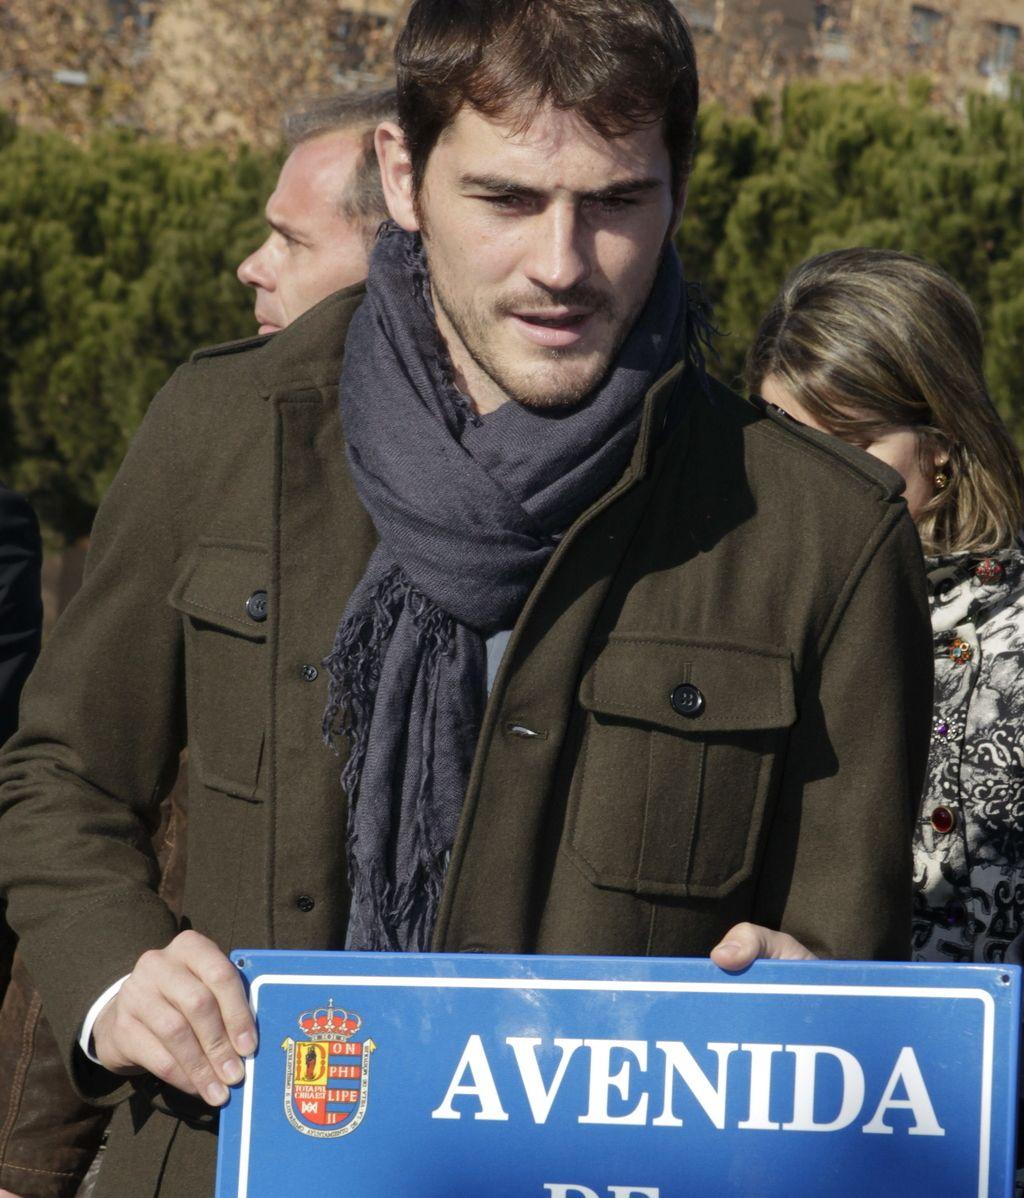 El portero del Real Madrid y de la selección española, Iker Casillas, durante el acto en el que se ha dado su nombre a una avenida en su localidad natal, Móstoles